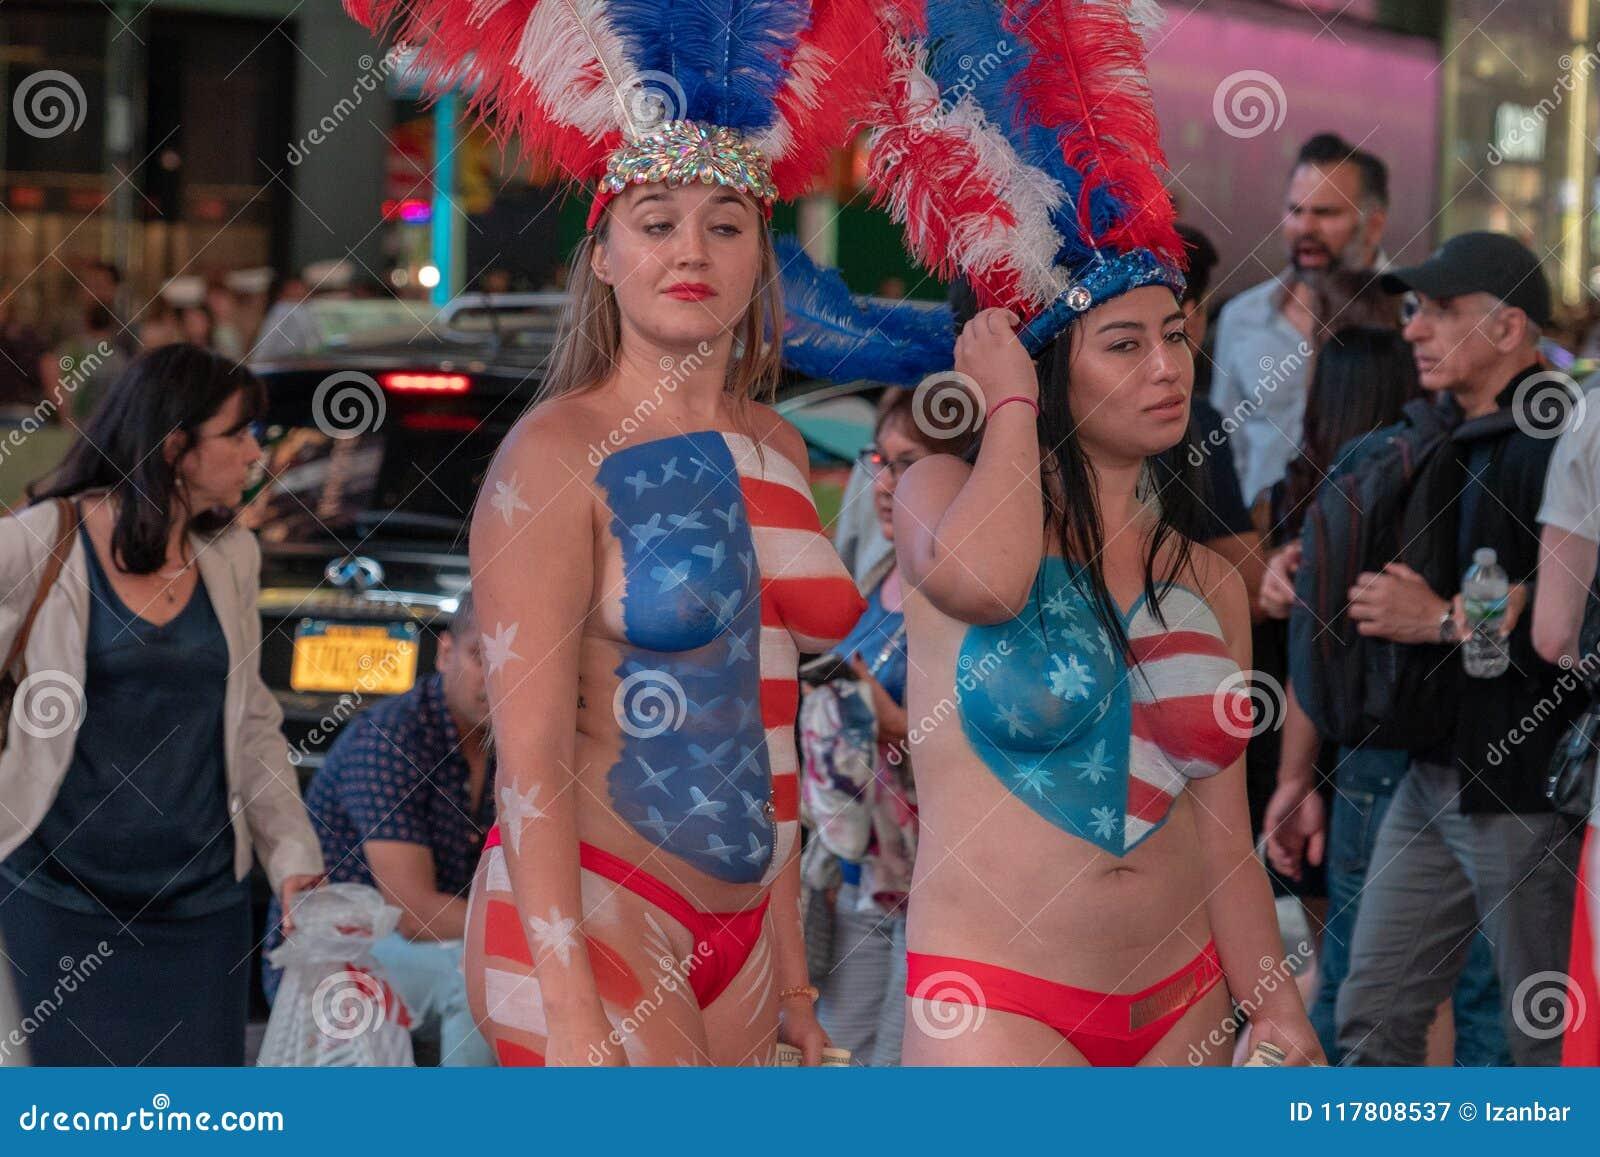 Naked girl american flag speaking